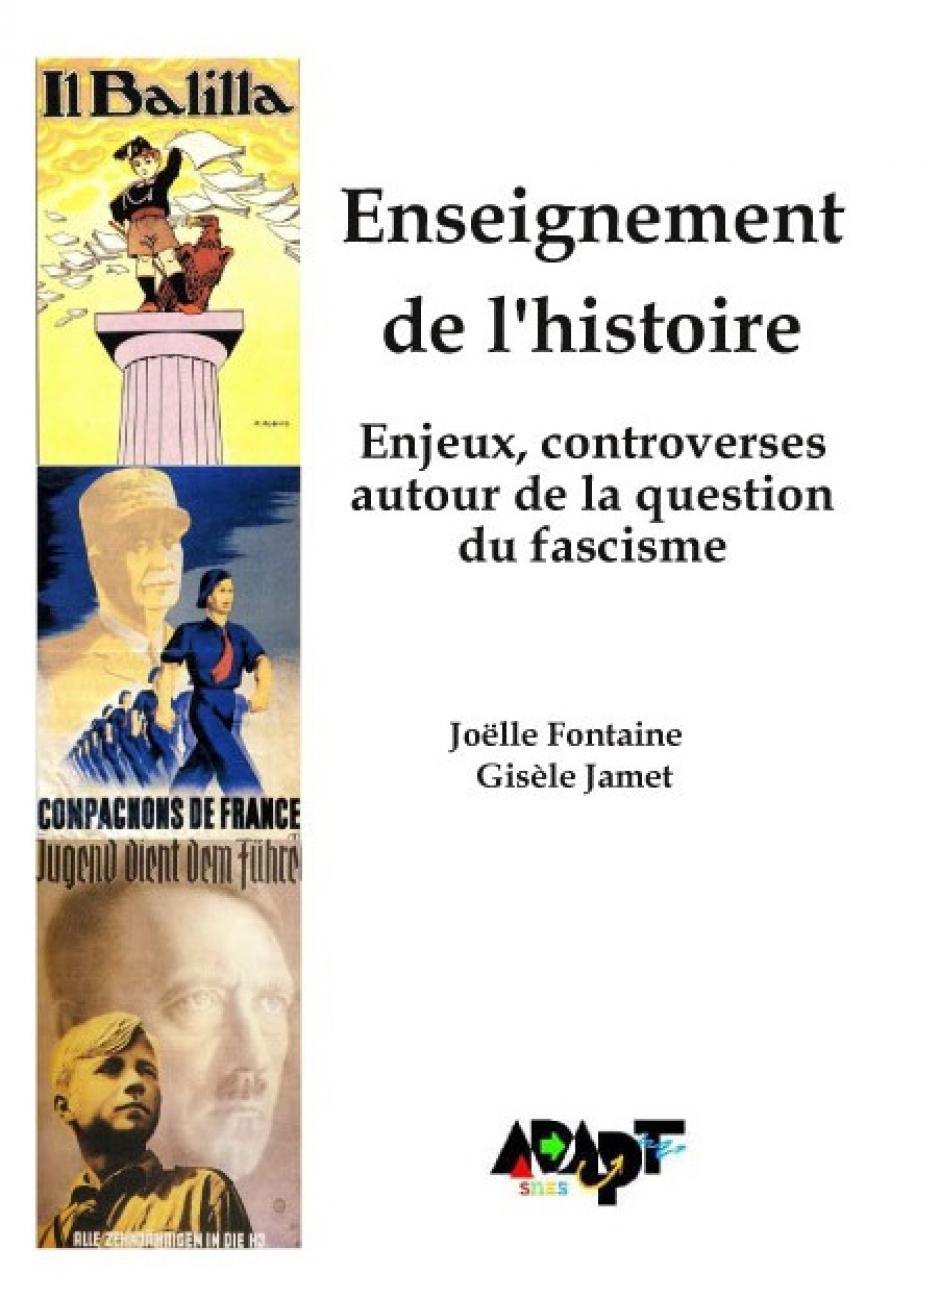 Enseignement de l'histoire - Enjeux, controverses autour de la question du fascisme, Joëlle Fontaine, Gisèle Jamet